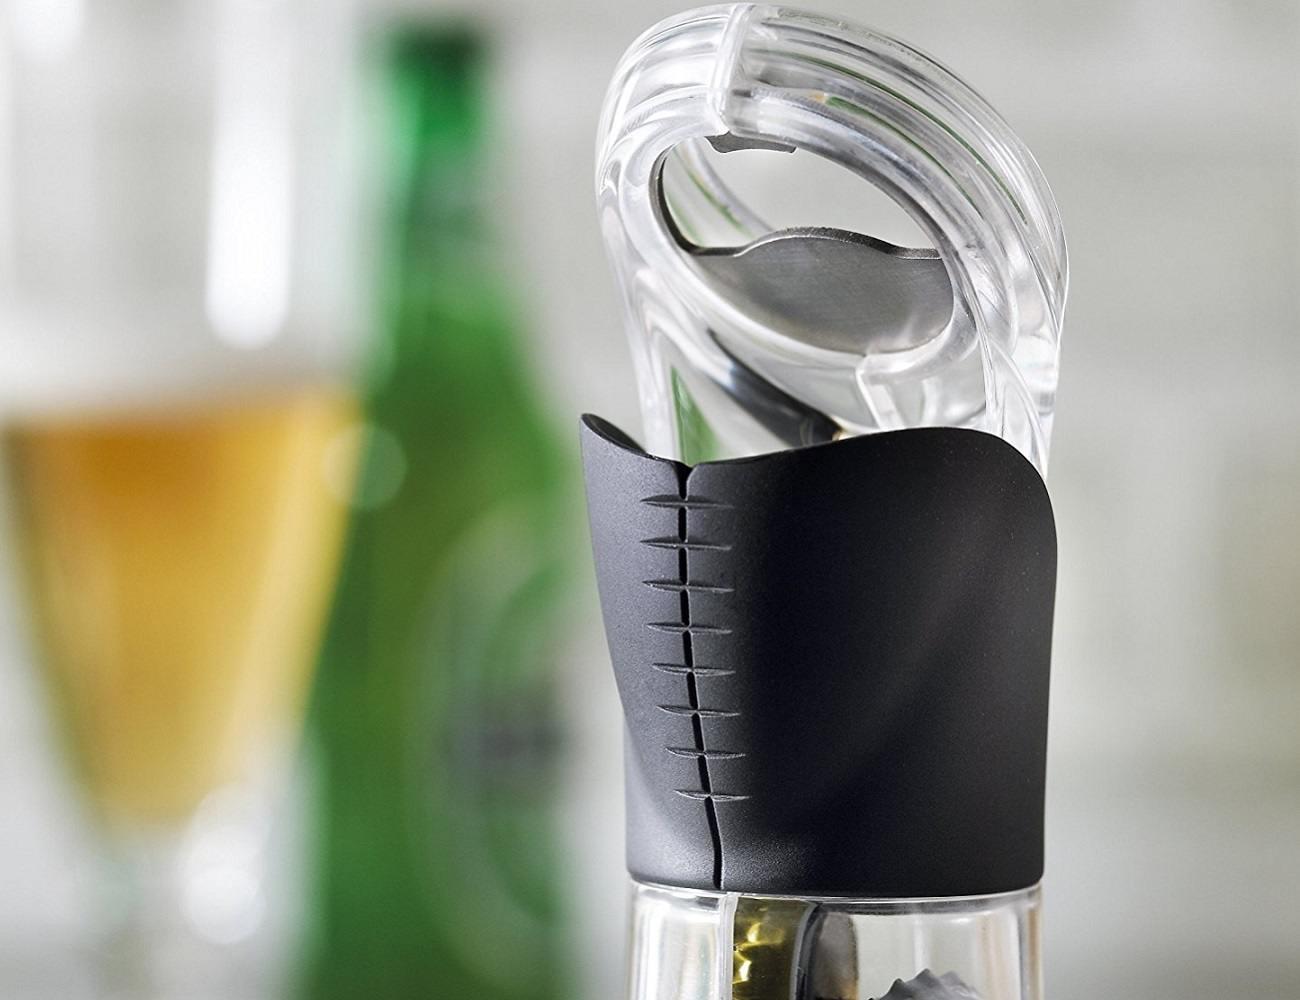 Beer Bottle Opener Cap Collector